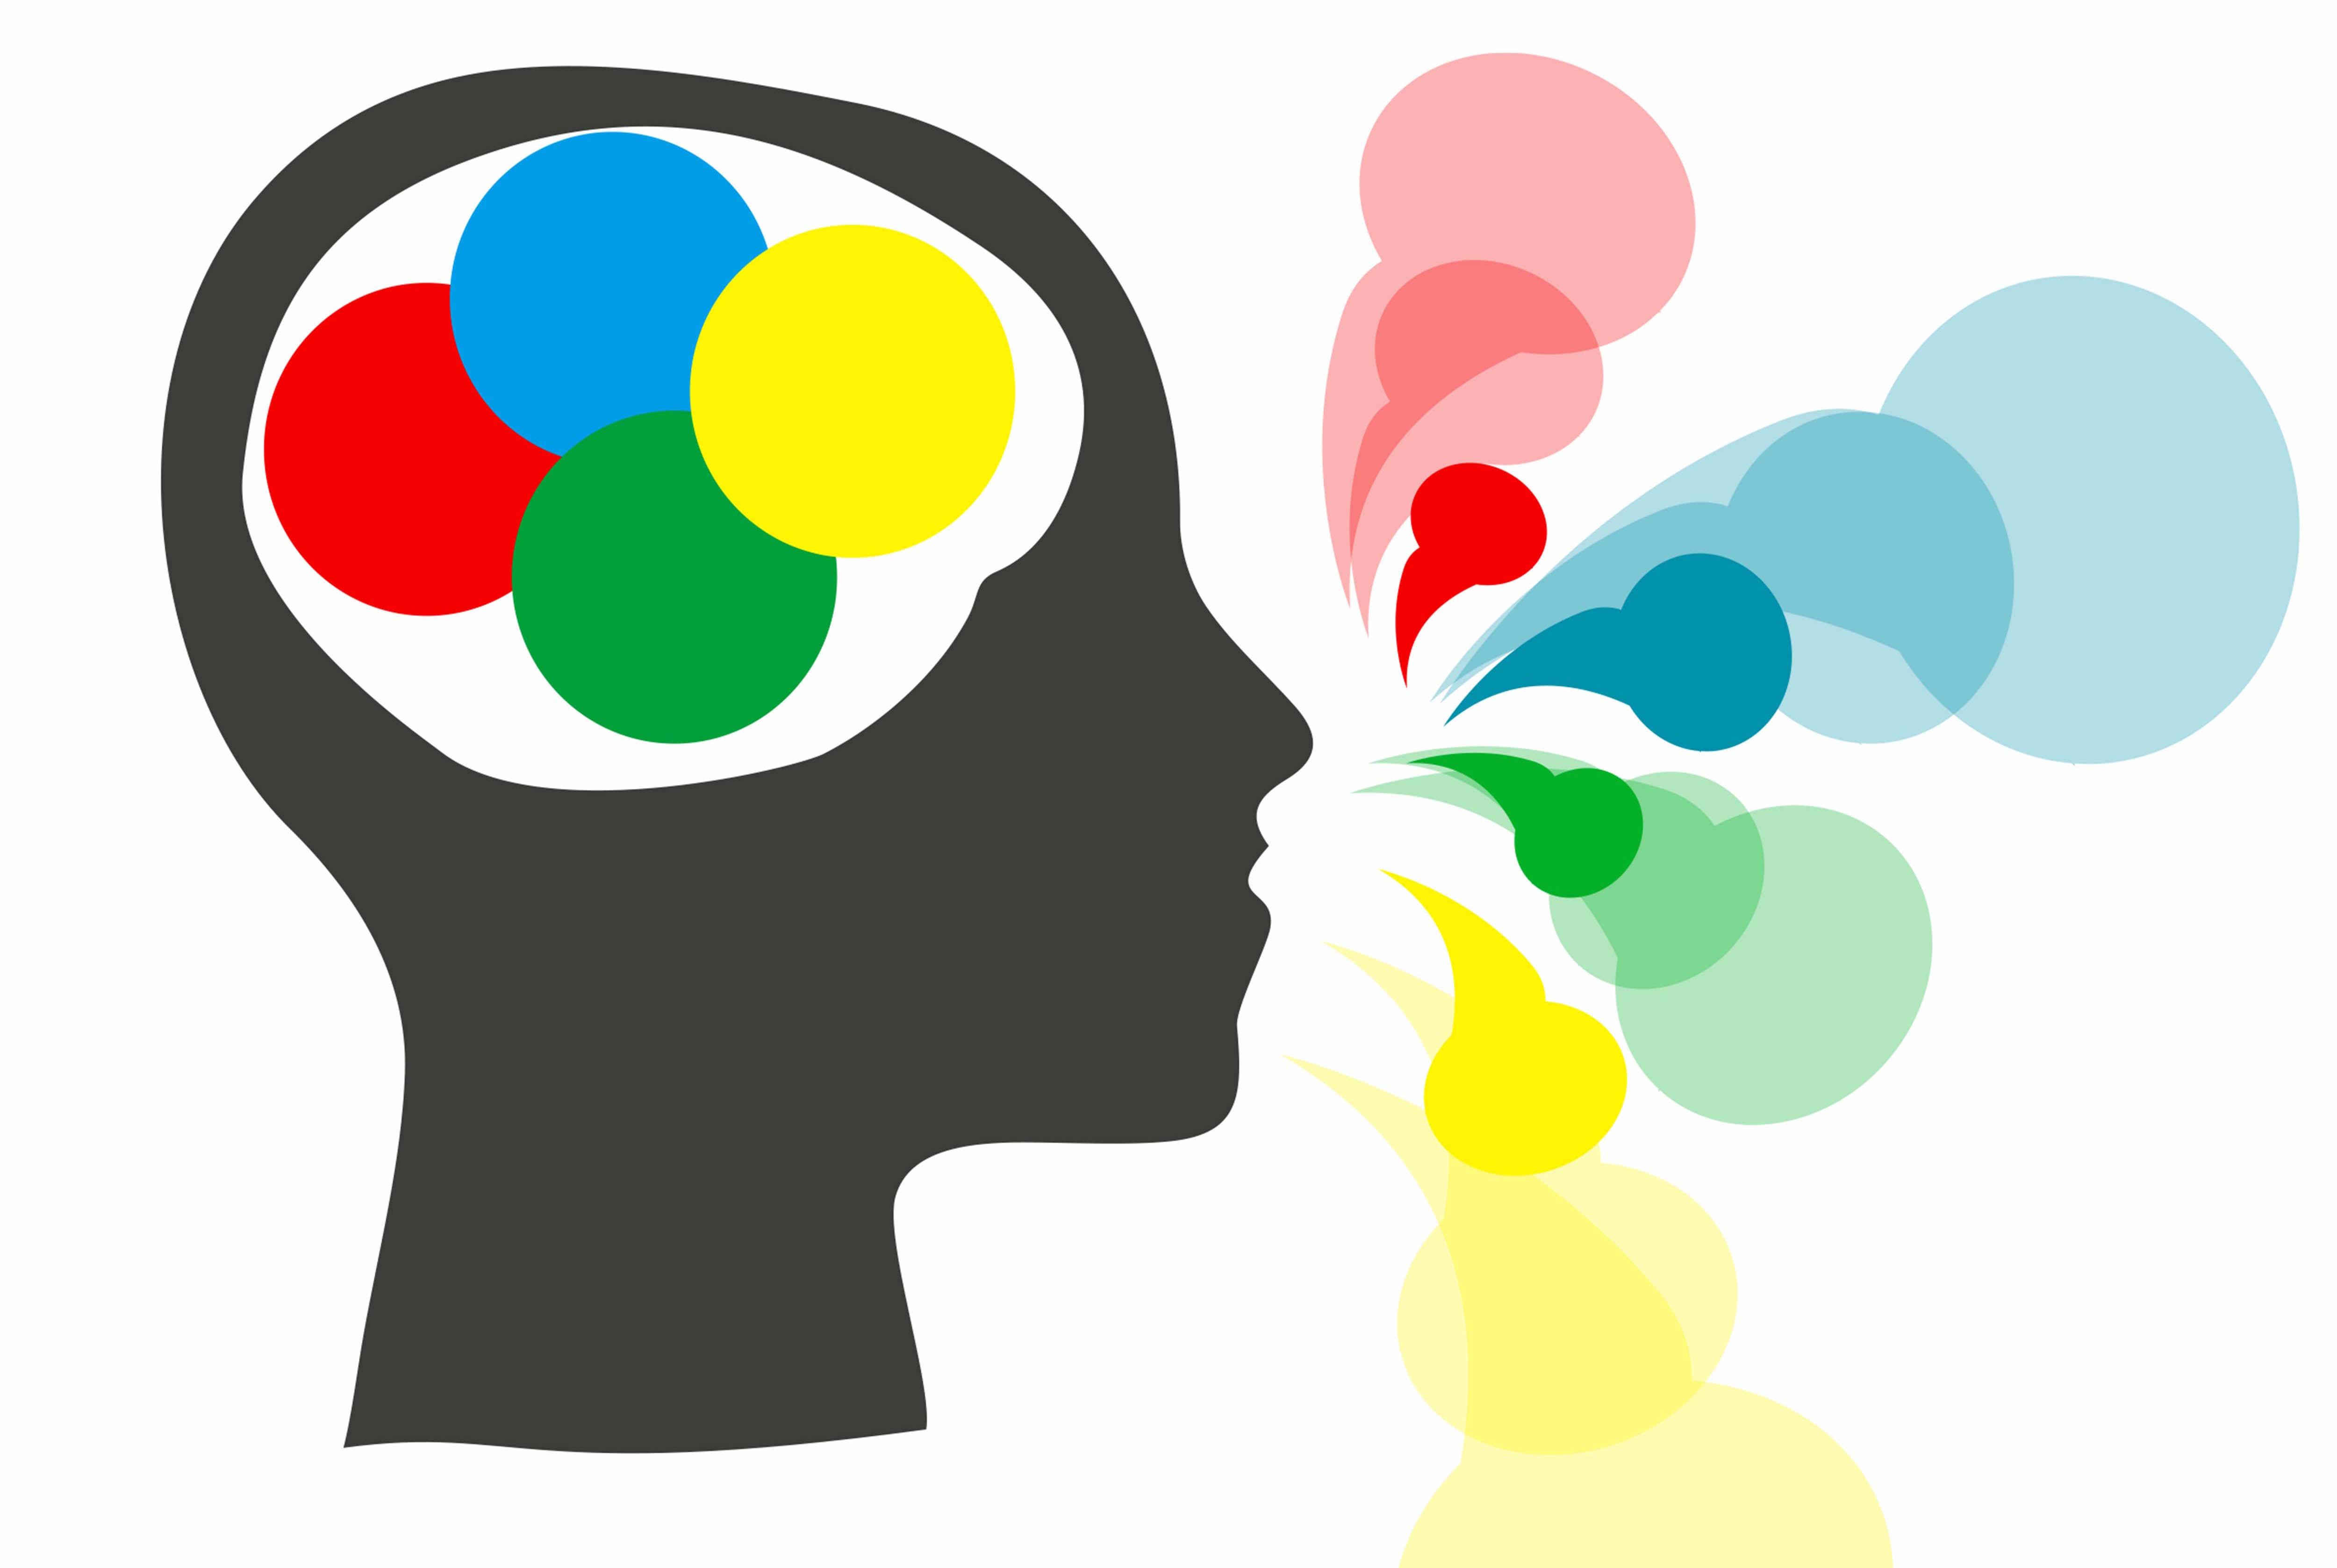 Biết hai ngôn ngữ trở lên giúp nâng cao chức năng não